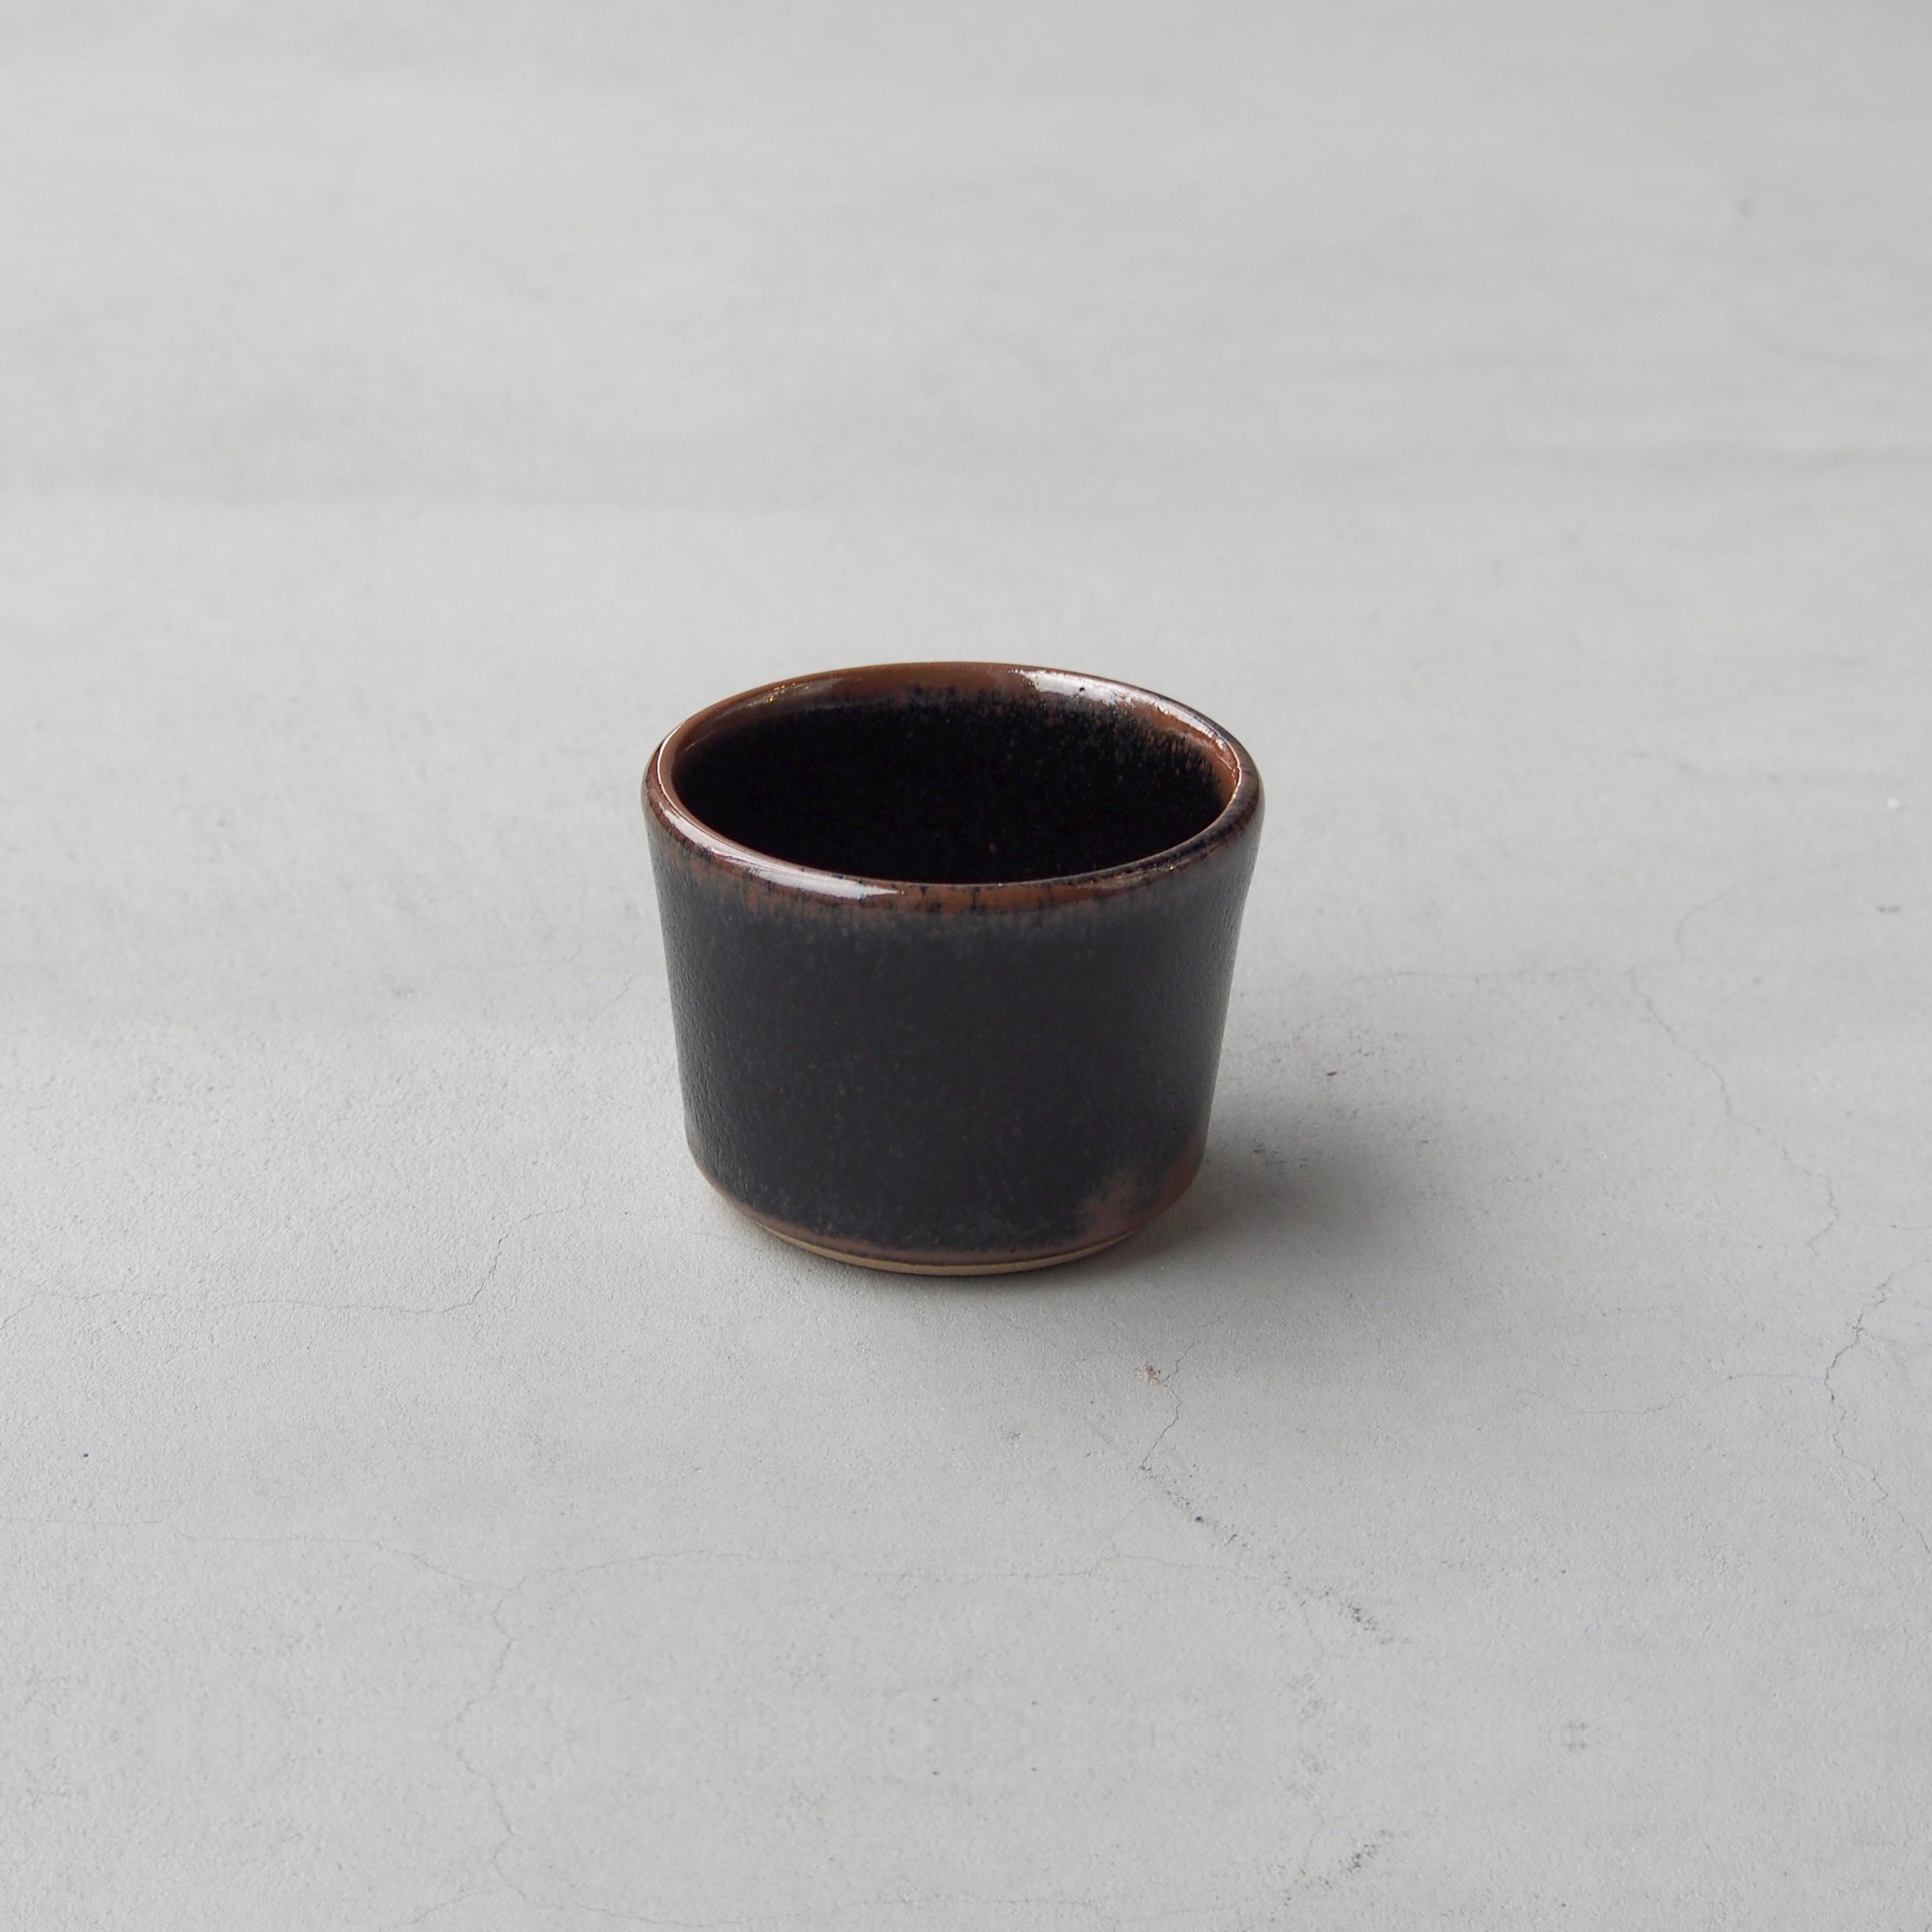 出西窯 深切立鉢3寸 黒